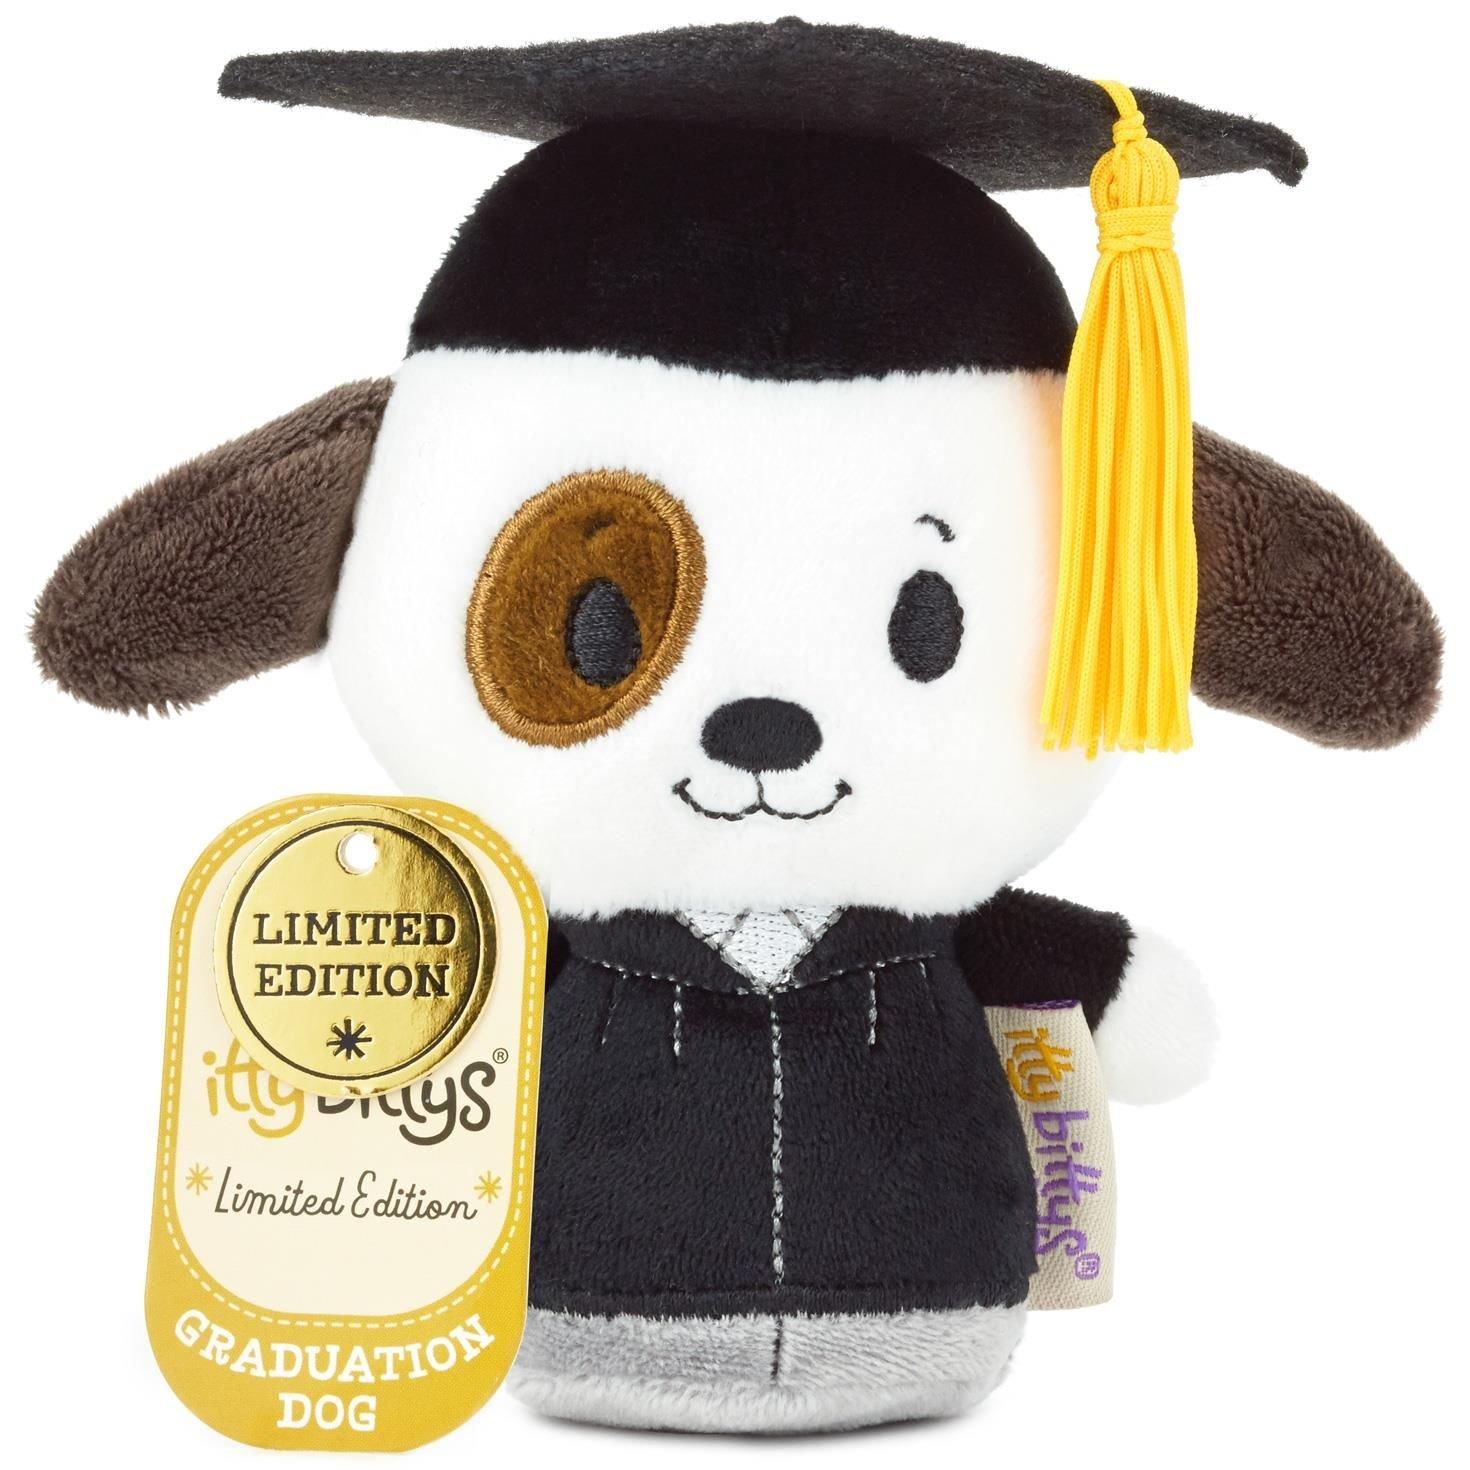 Amazon.com: itty bittys Graduation Dog Stuffed Animal Itty Bittys ...